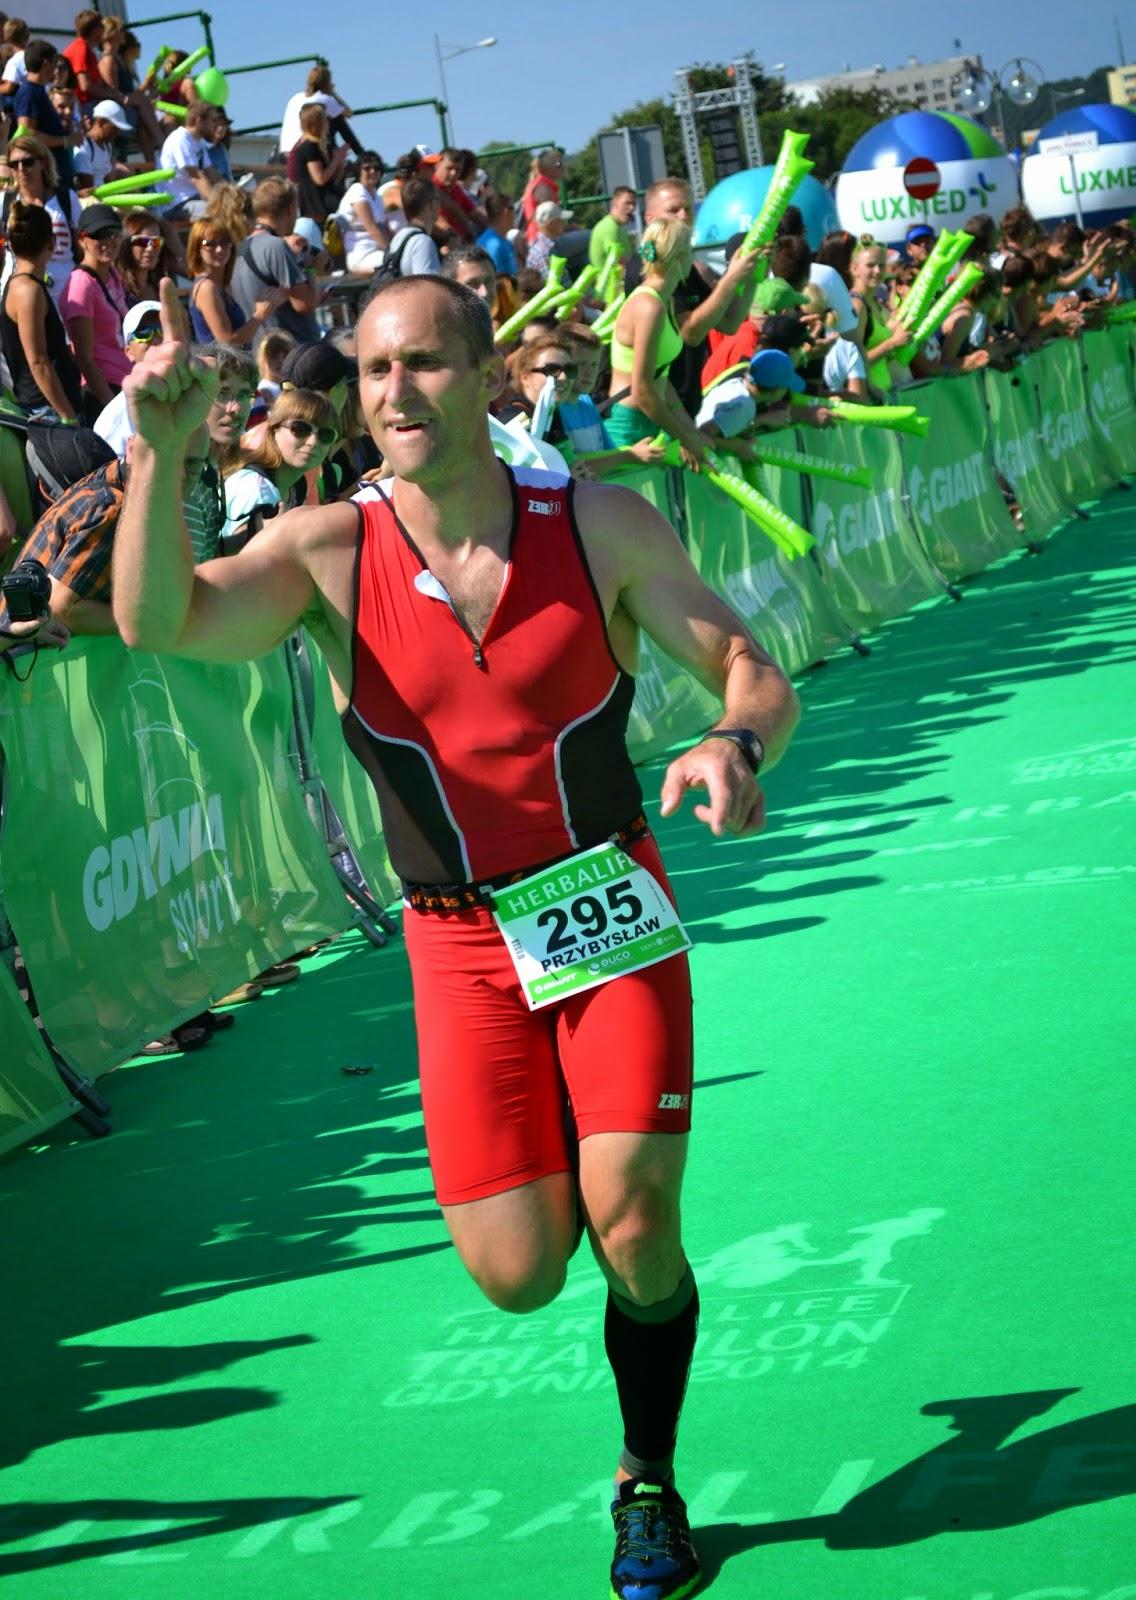 triathlon, sport, trening, SKF Boksing Zielona Góra, Przybysław Połoński, Dworcowa, Herbalife, Gdynia, 2014 r. bieg, rower, pływanie